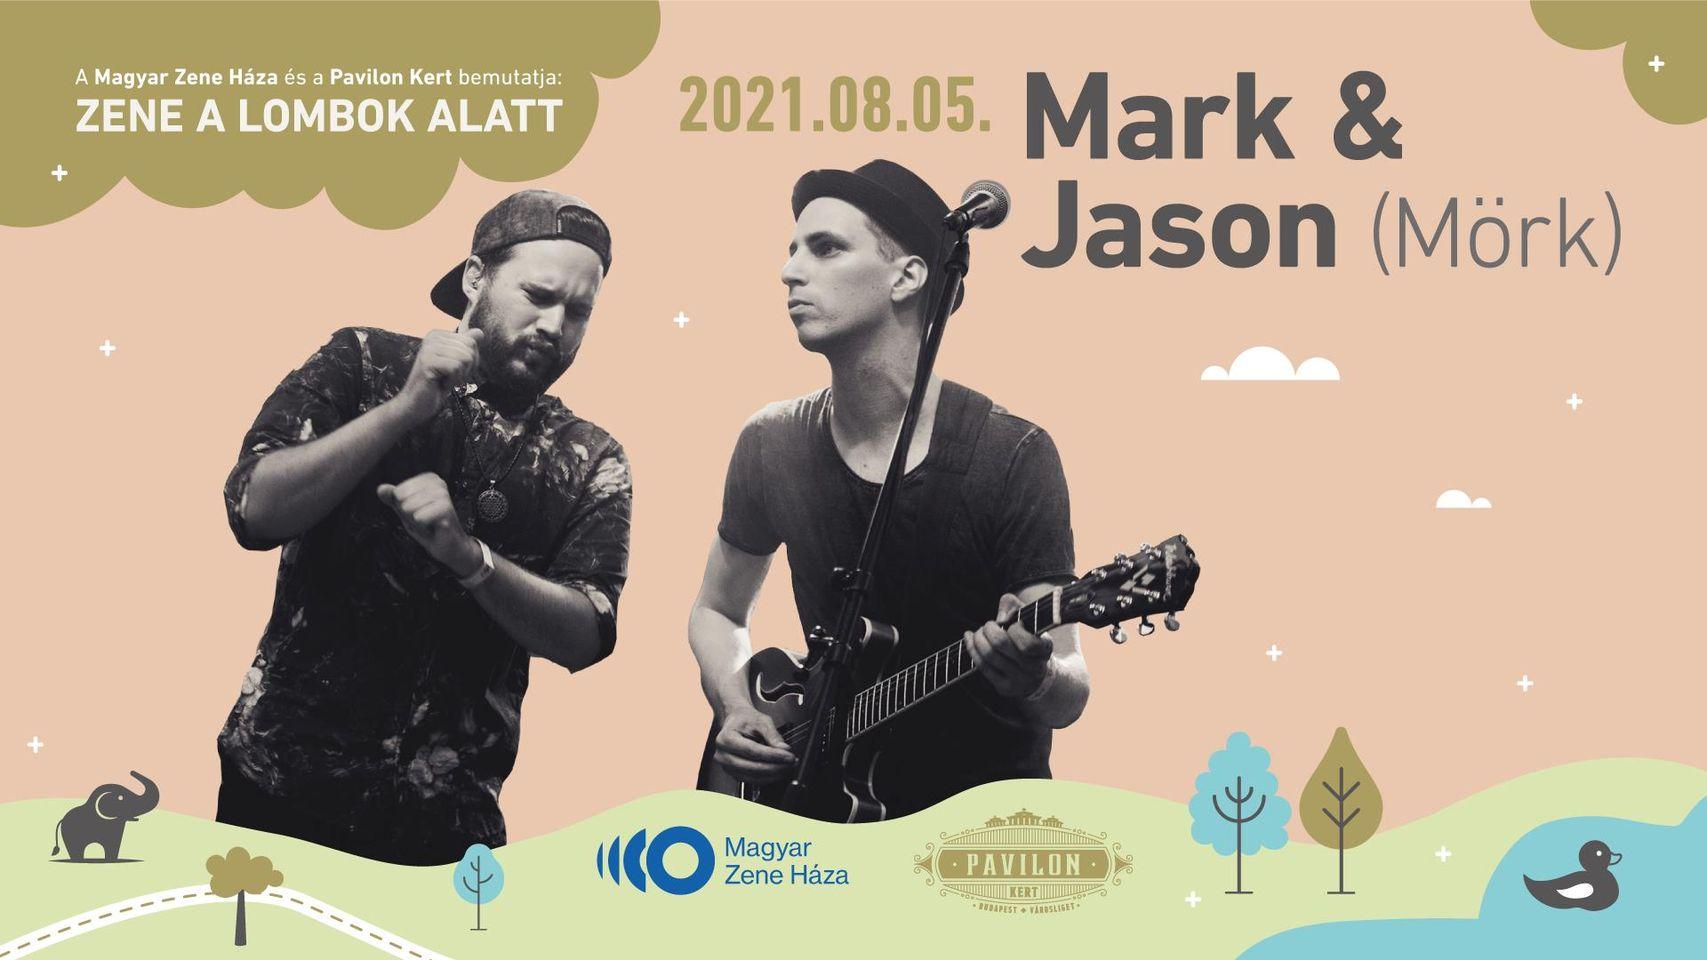 Mark & Jason (Mörk) - bemutatja a Magyar Zene Háza és a Pavilon Kert